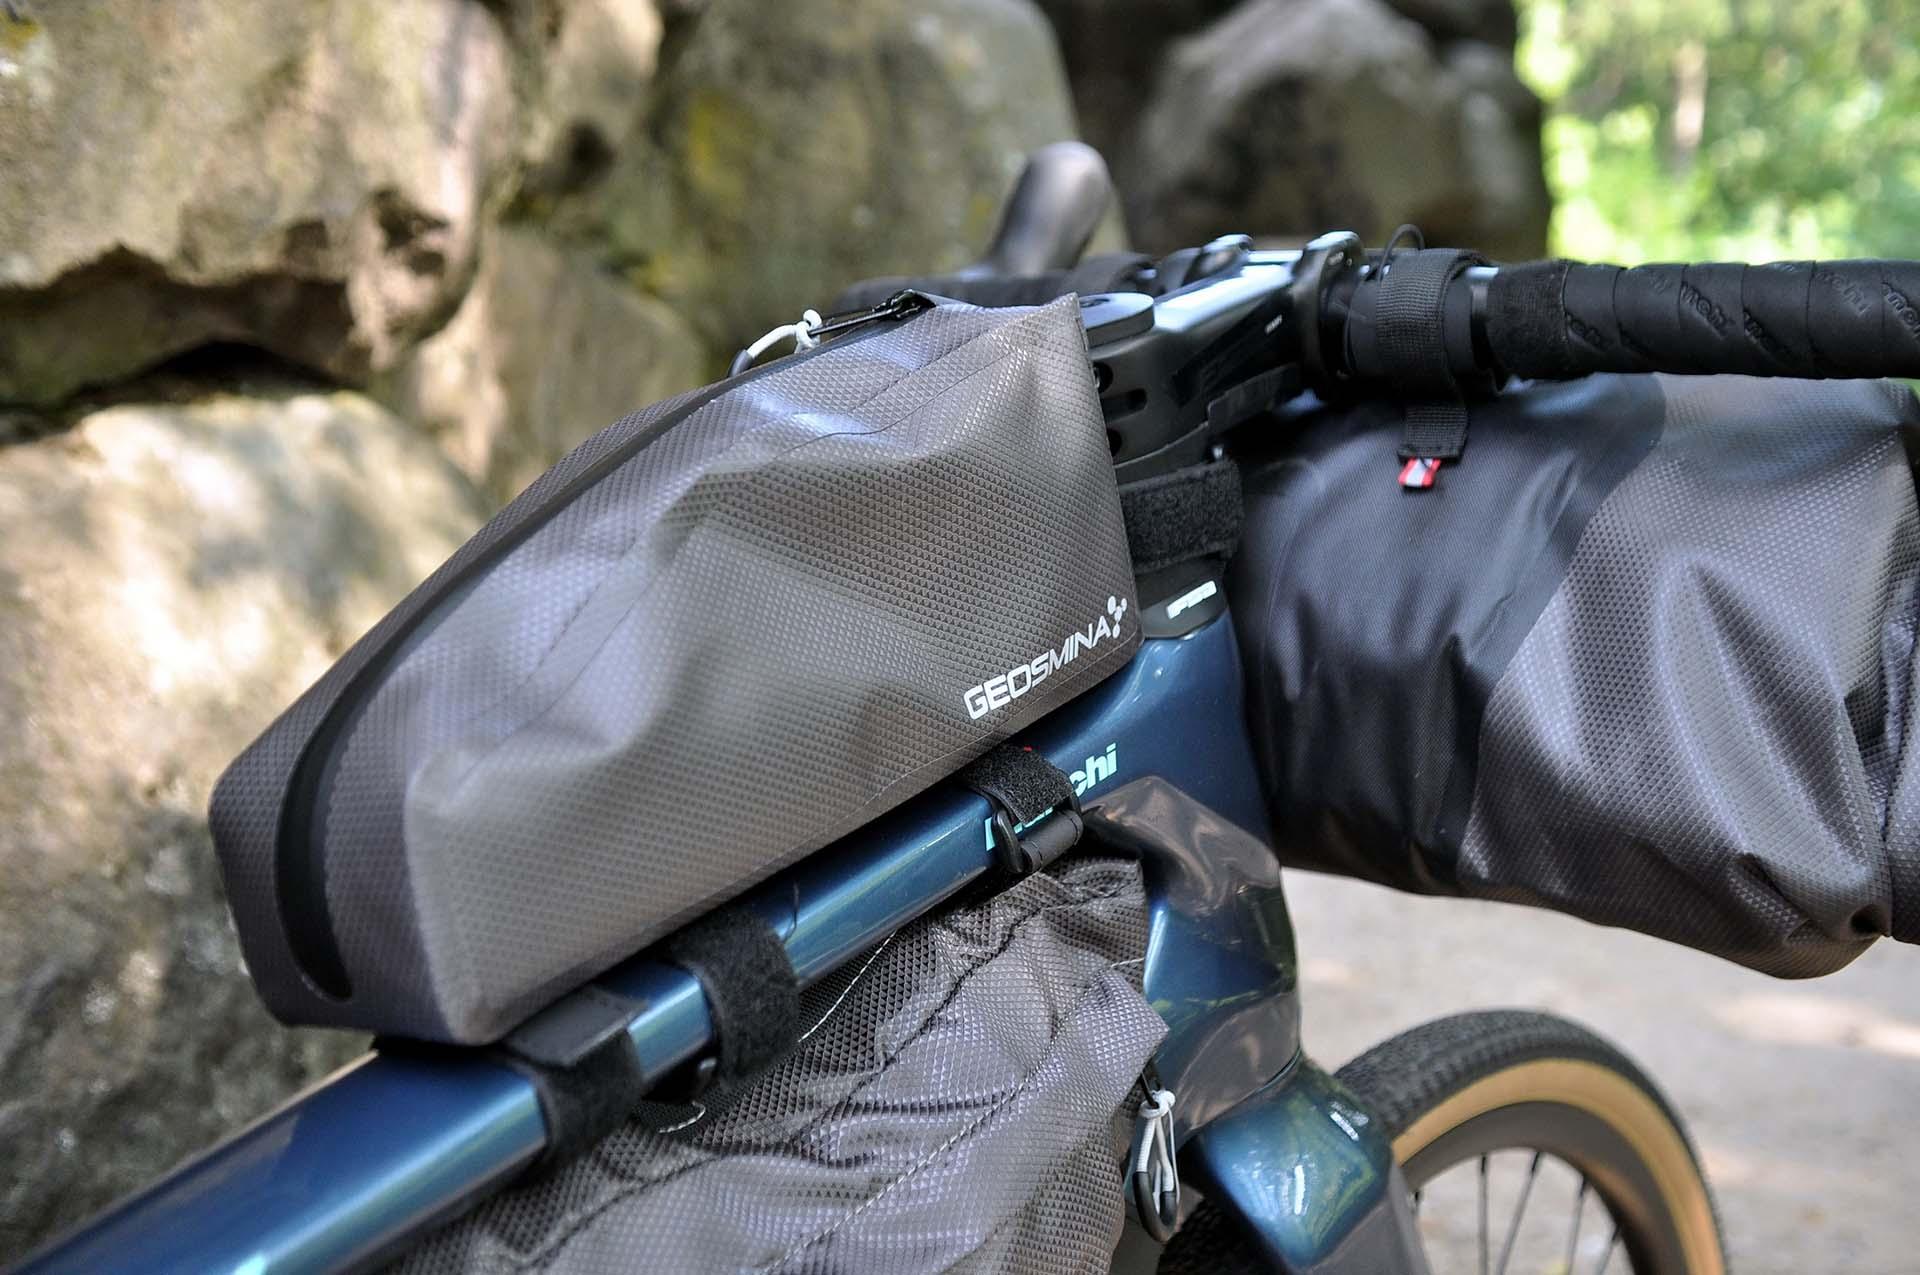 Itthon is elérhetők a Geosmina táskák-7